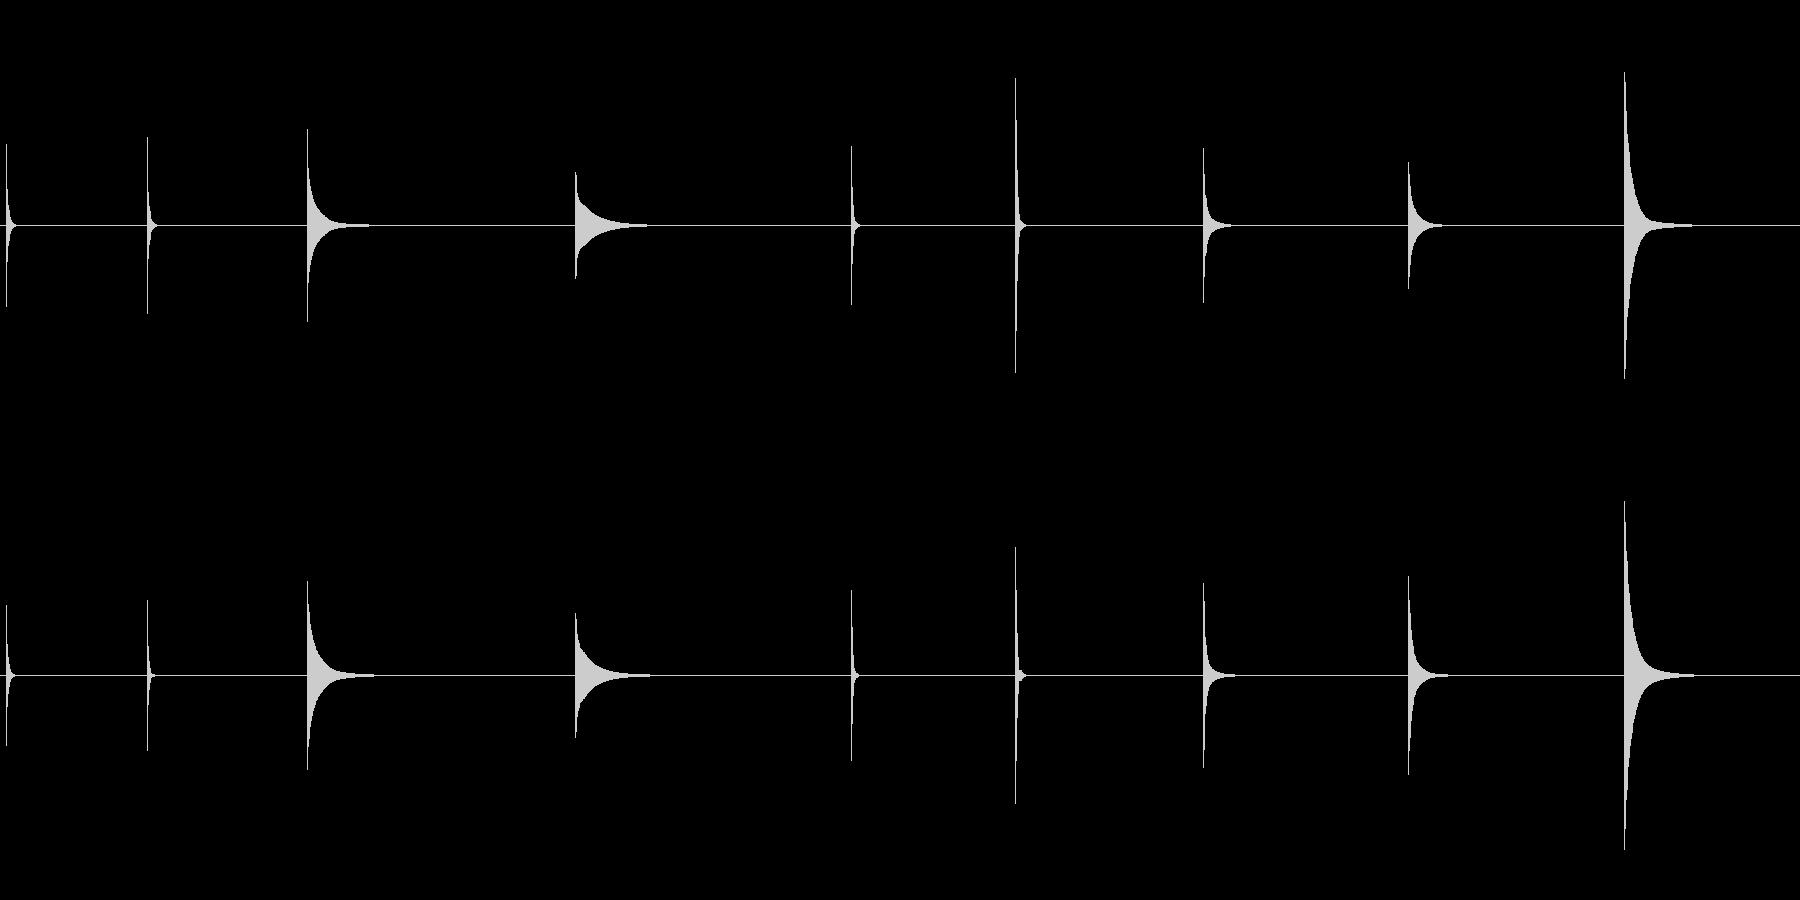 ガラス、インパクト、ピン、高、9バ...の未再生の波形